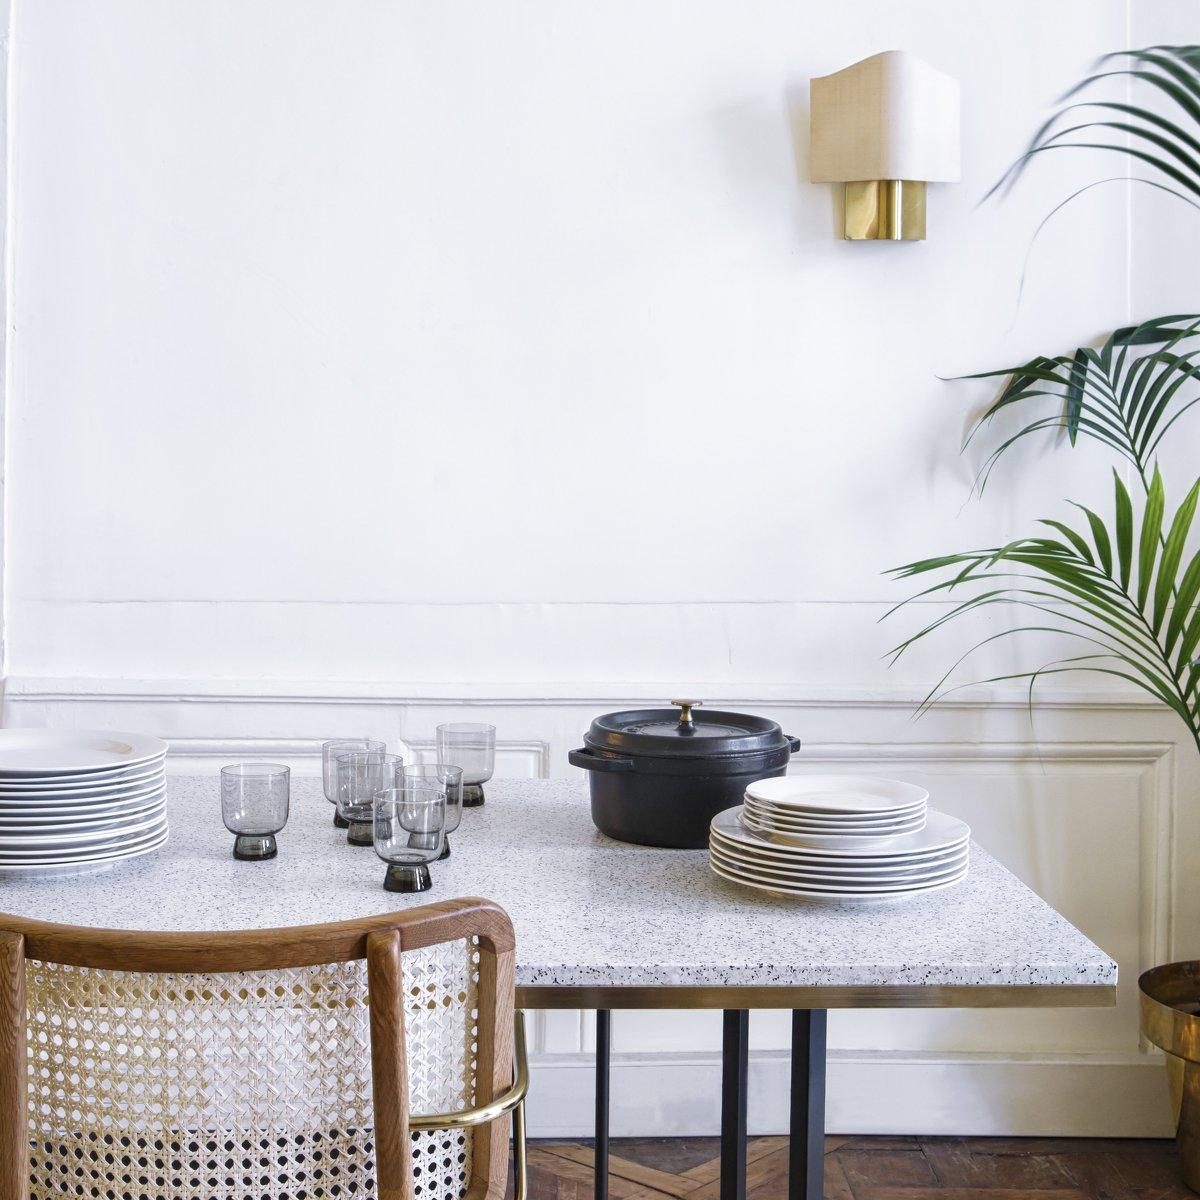 salle à manger table terrazzo petit carreaux noir et blanc chaise cannage bois mur moulure blanc